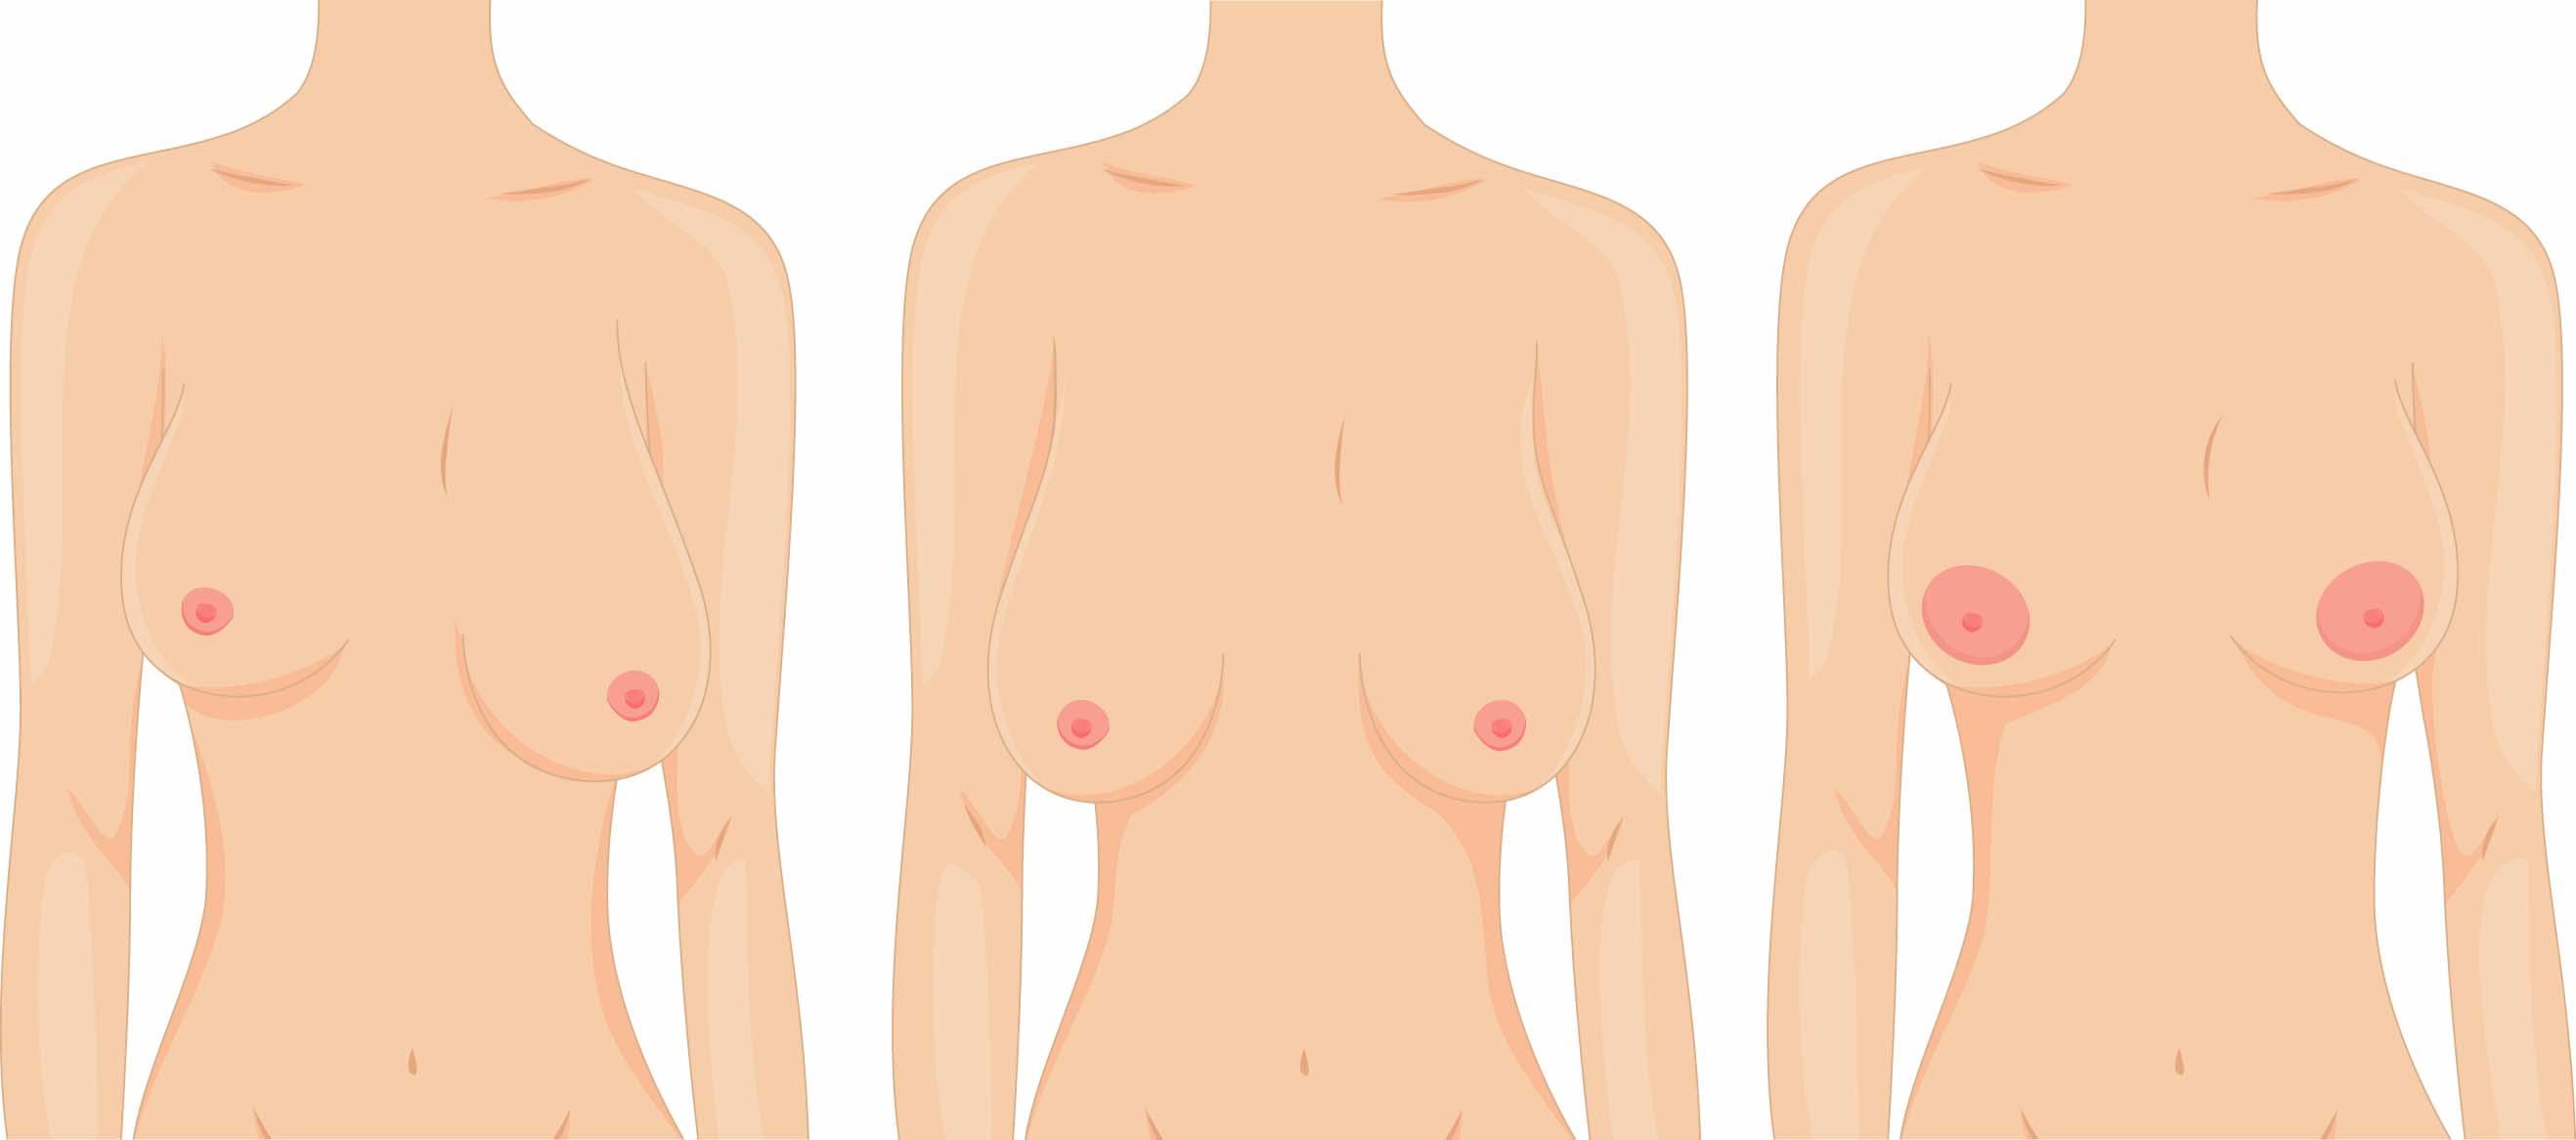 Маммопластика после кормления грудью